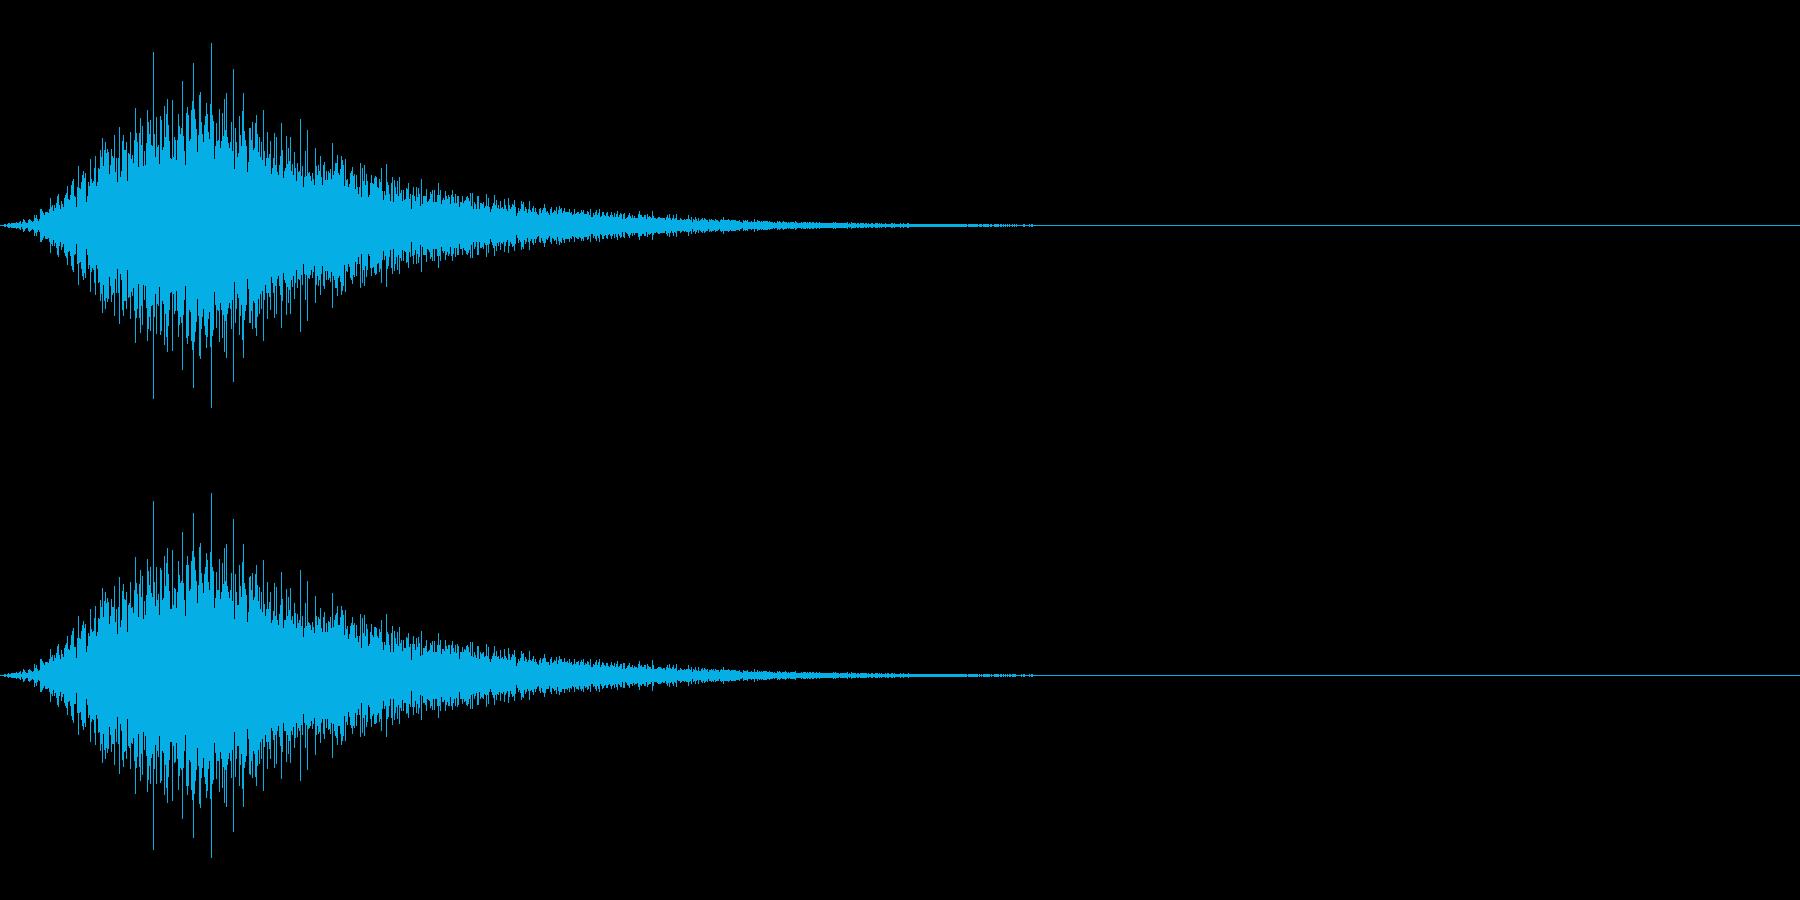 パワーアップ/チャージ/スピードアップの再生済みの波形